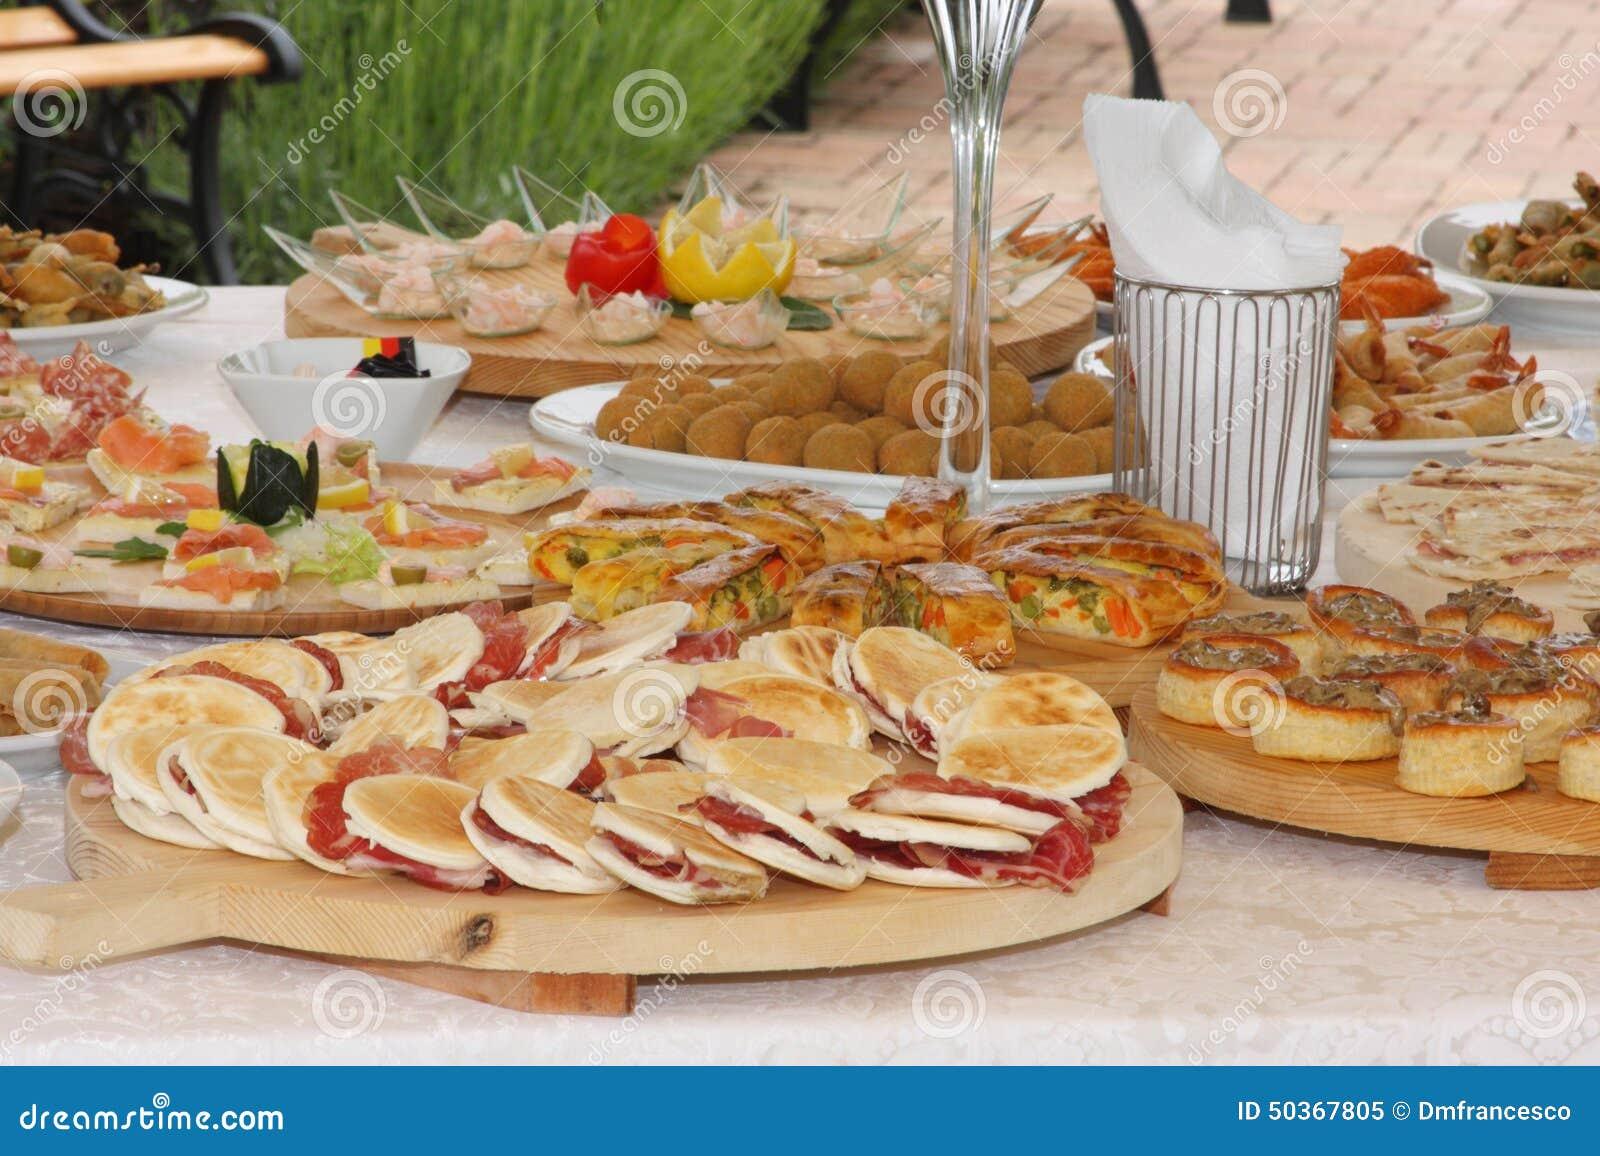 Cucina Italiana Tipica Della Cena Di Nozze Fotografia Stock Immagine  #B03A1B 1300 956 Foto Di Cucina Divertenti